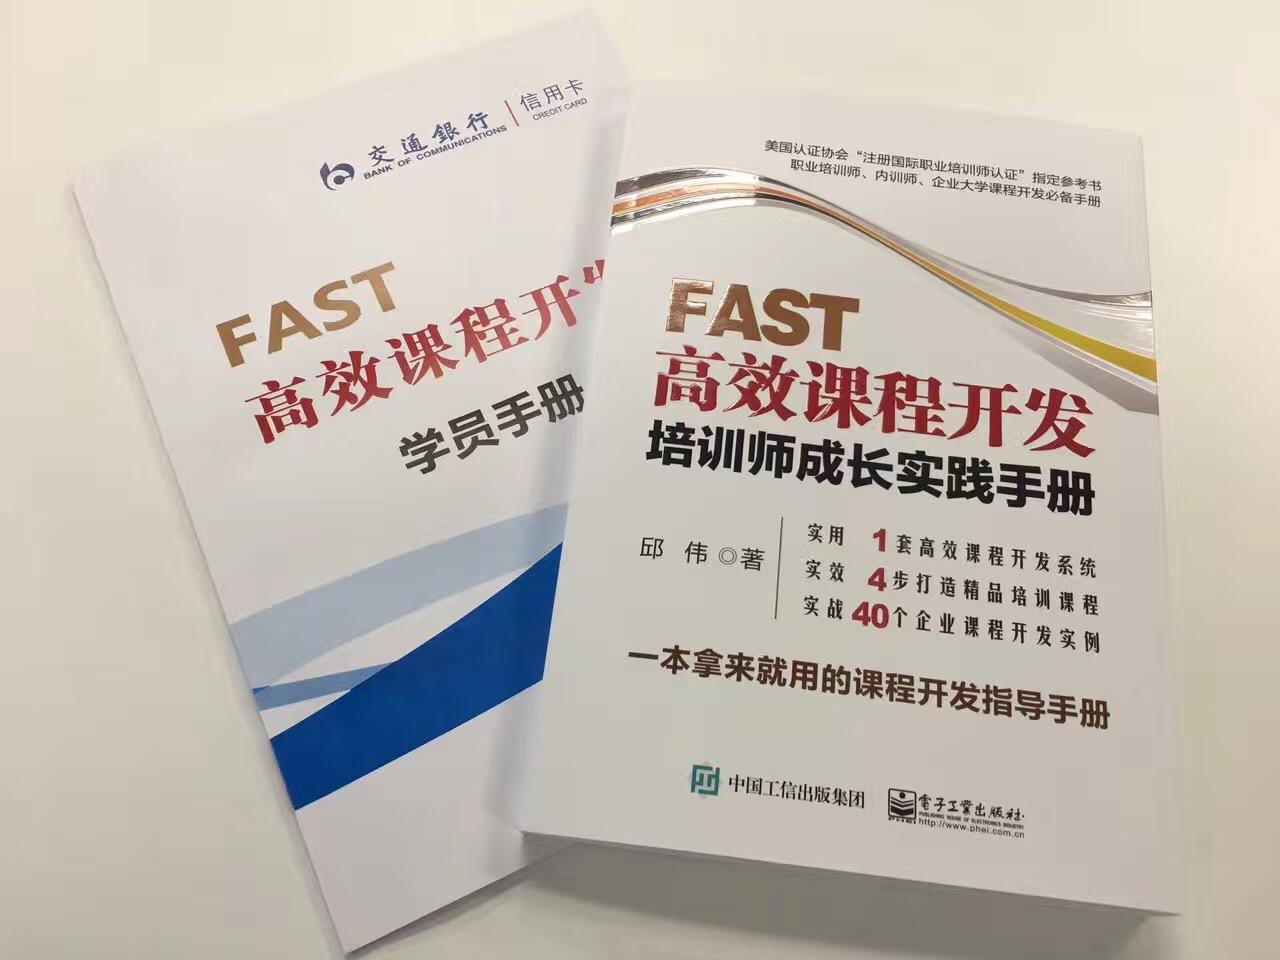 交通银行总部《FAST高效课程开发》 培训师邱伟